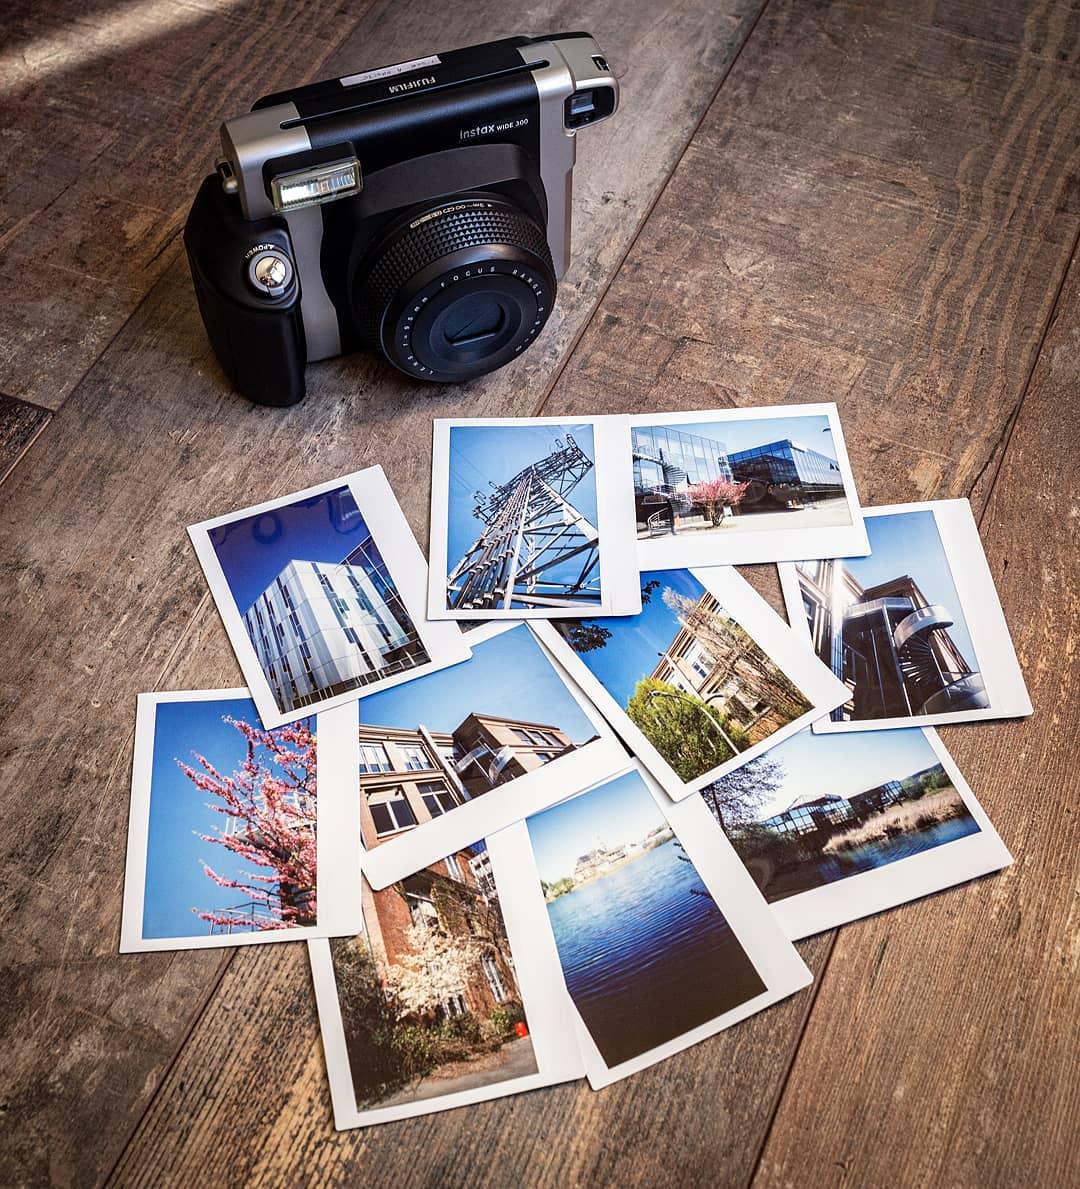 instant cameras singapore- Fujifilm Instax Wide 300